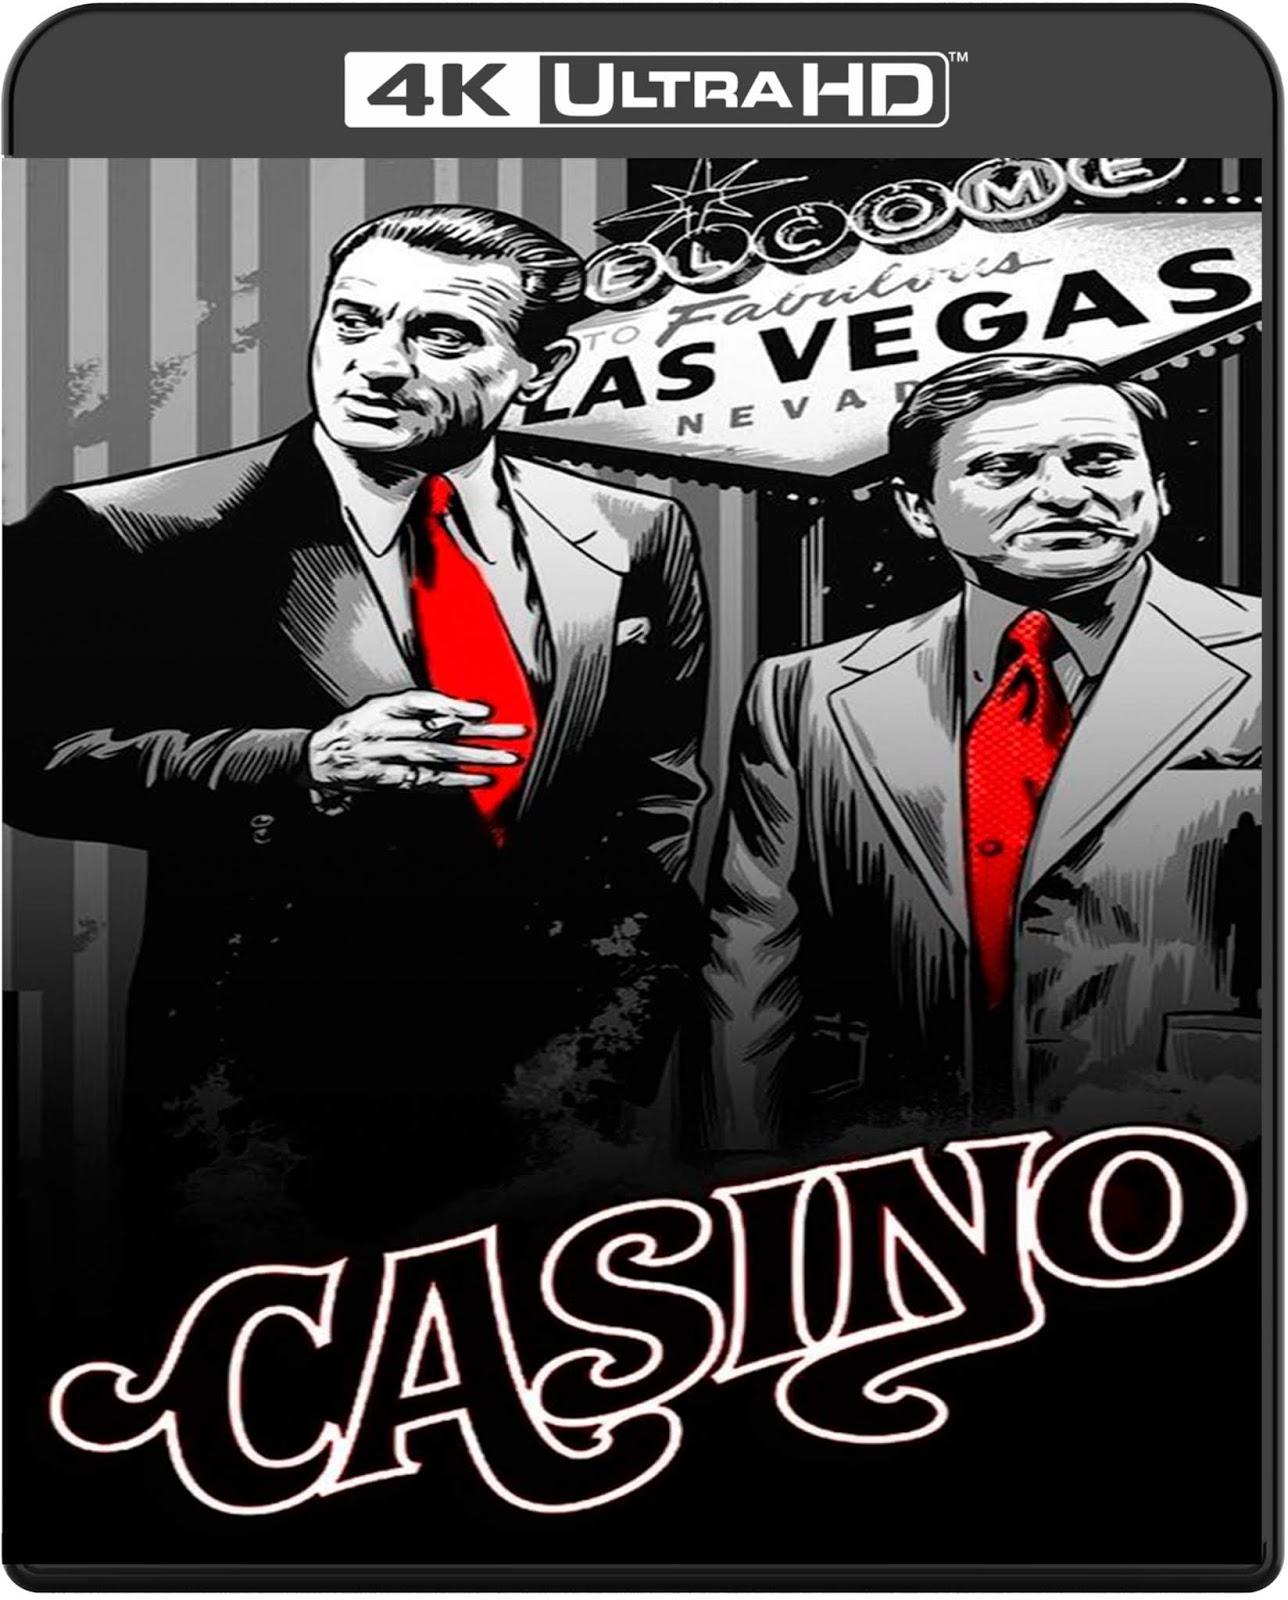 Casino [1995] [UHD] [2160p] [Latino]